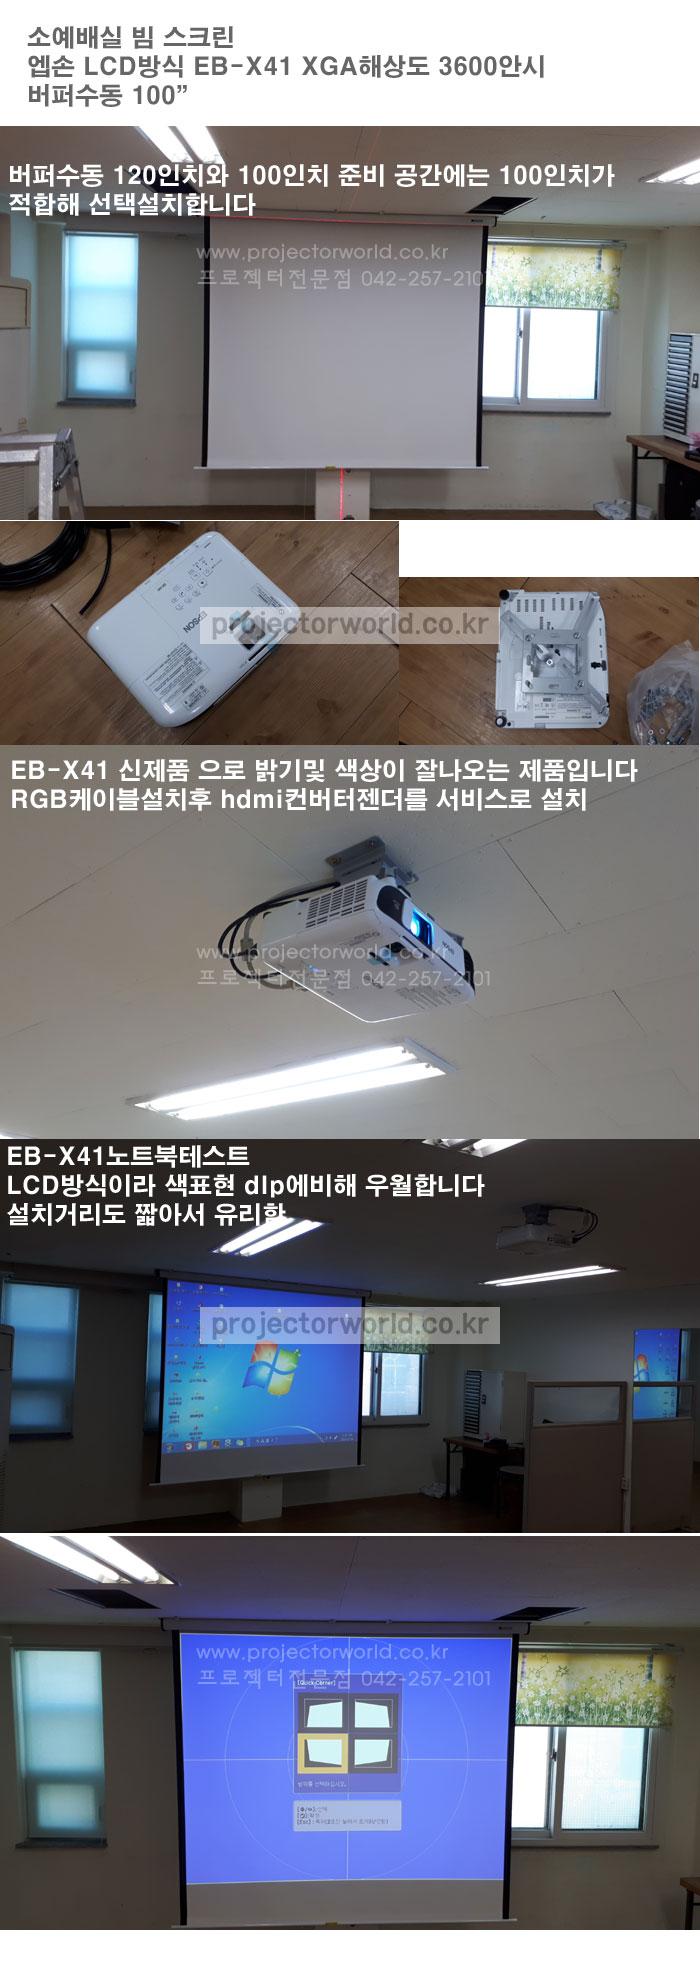 EB-X41,대전빔설치,대전스크린,세종프로젝터,